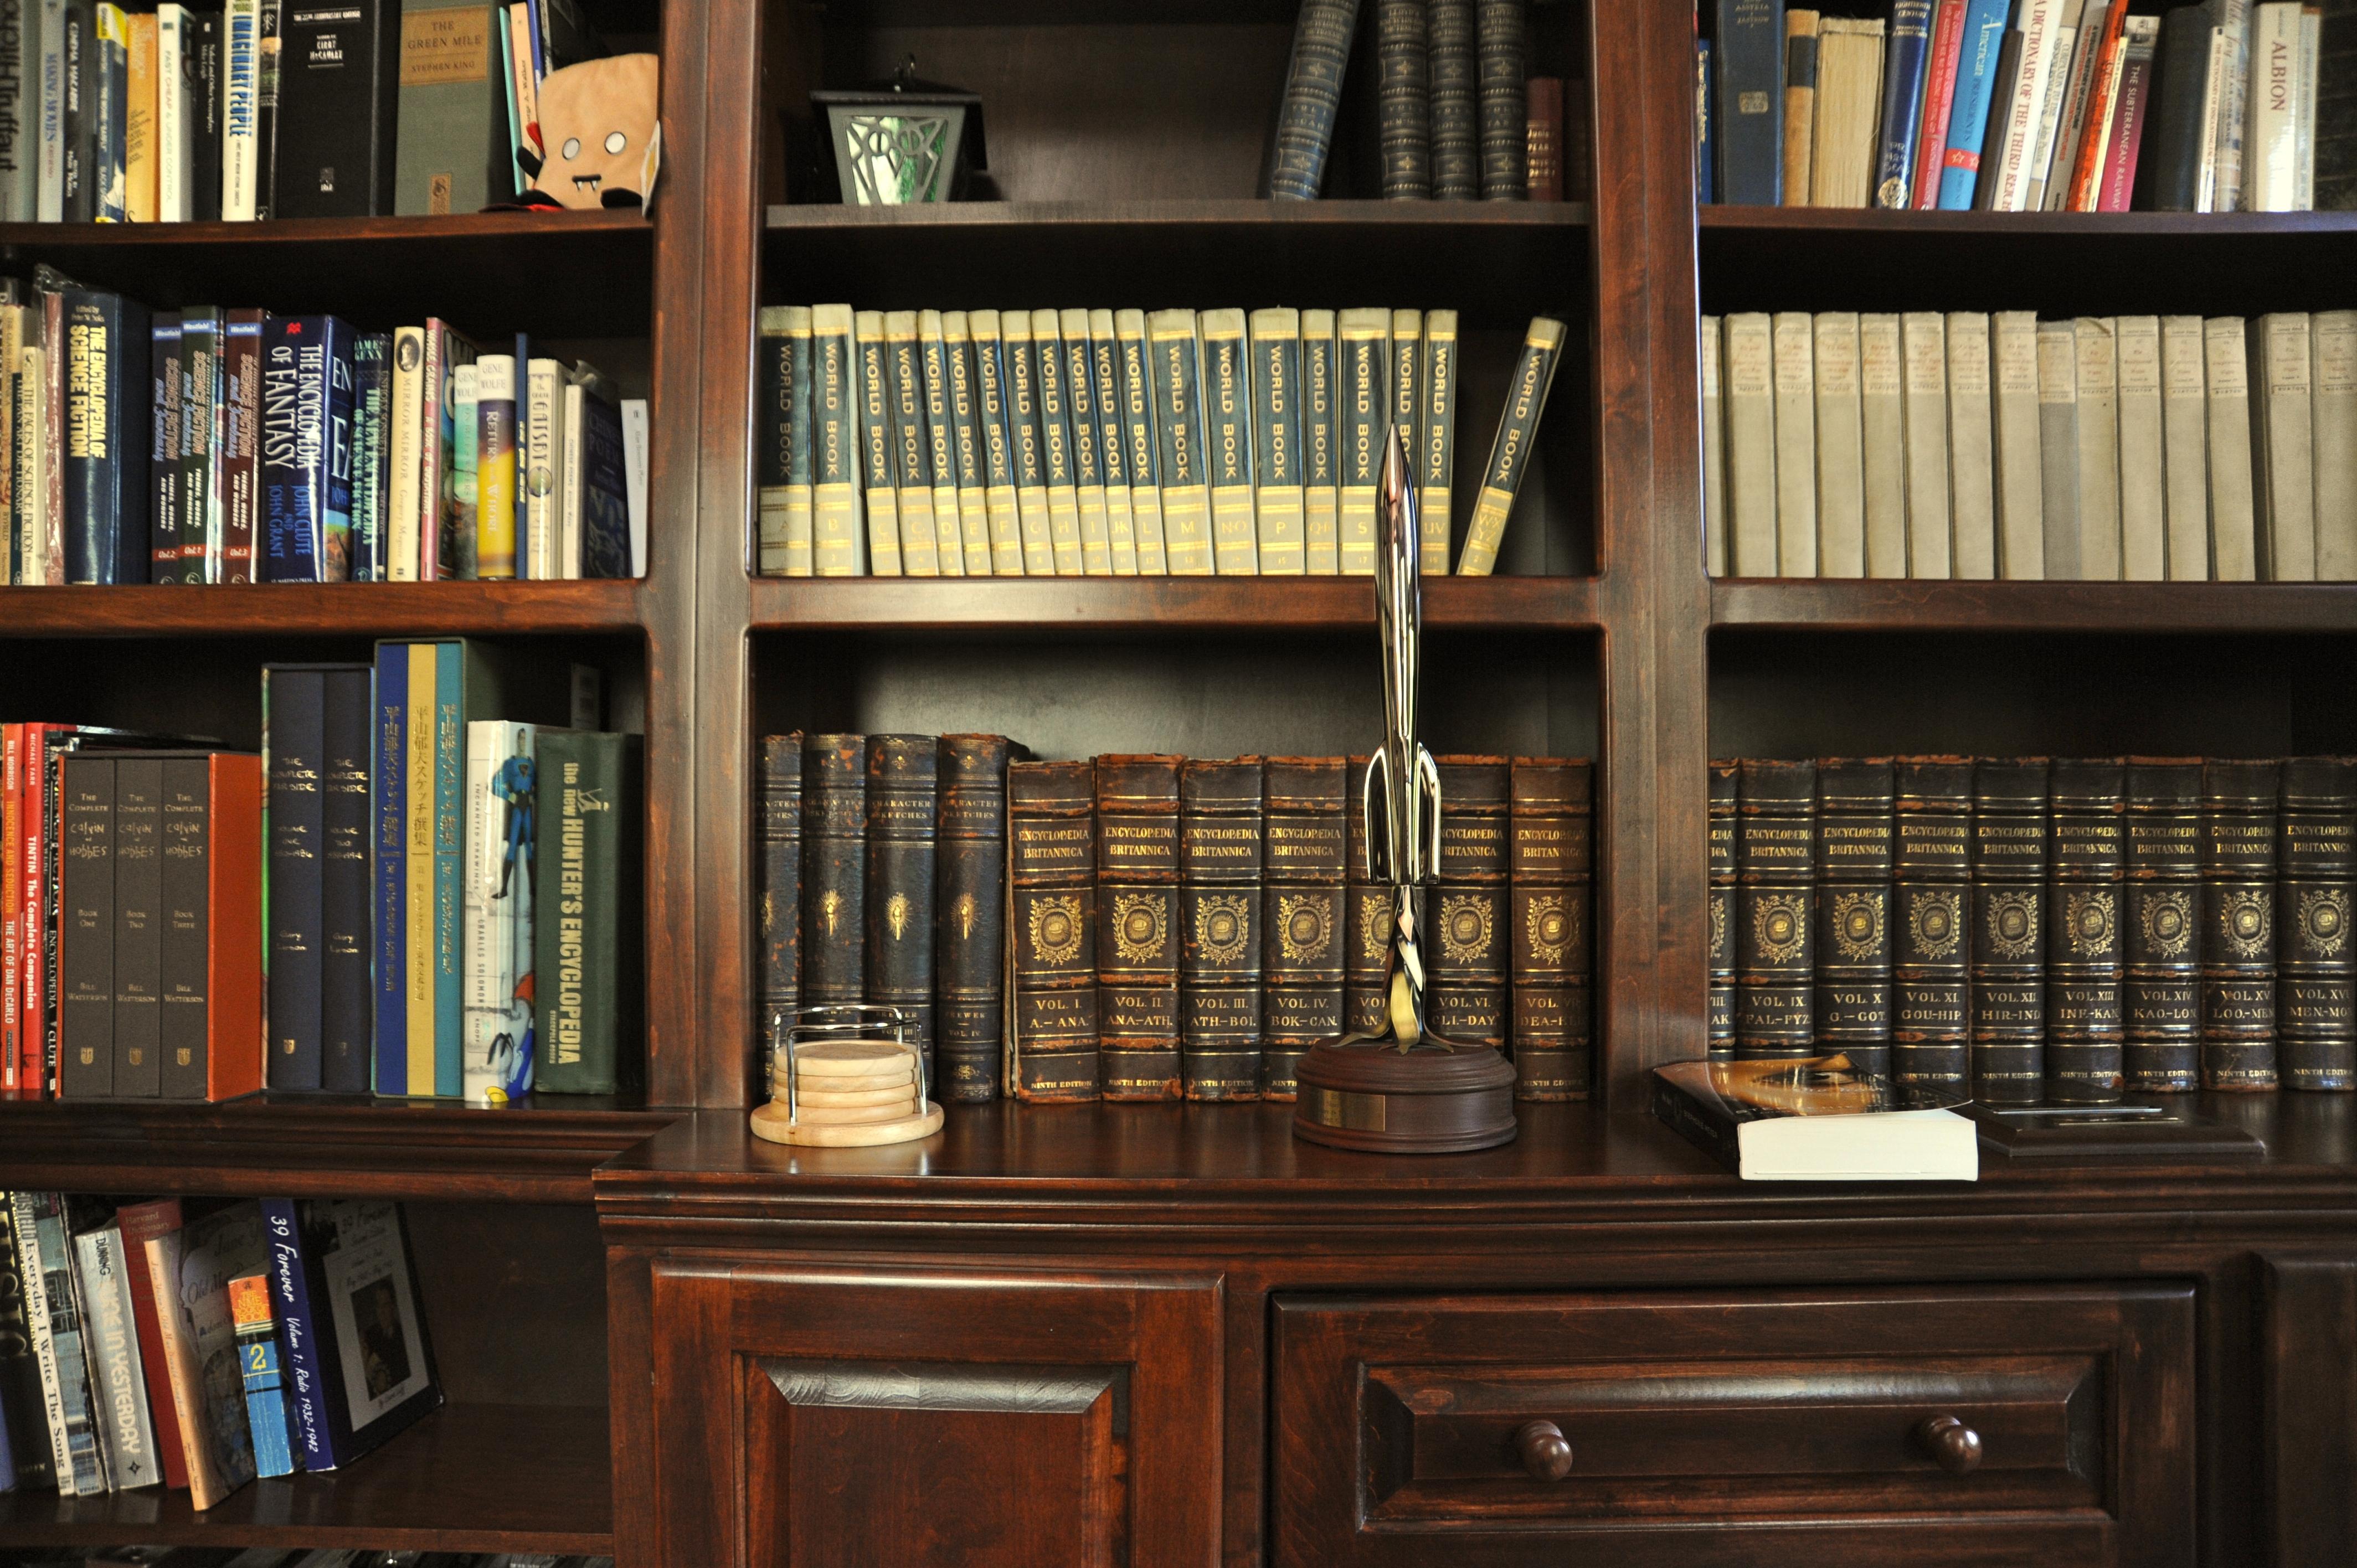 Awesome Cool Bookshelves Target Insight Inspiring With Corner Inside Bookshelves (#2 of 15)